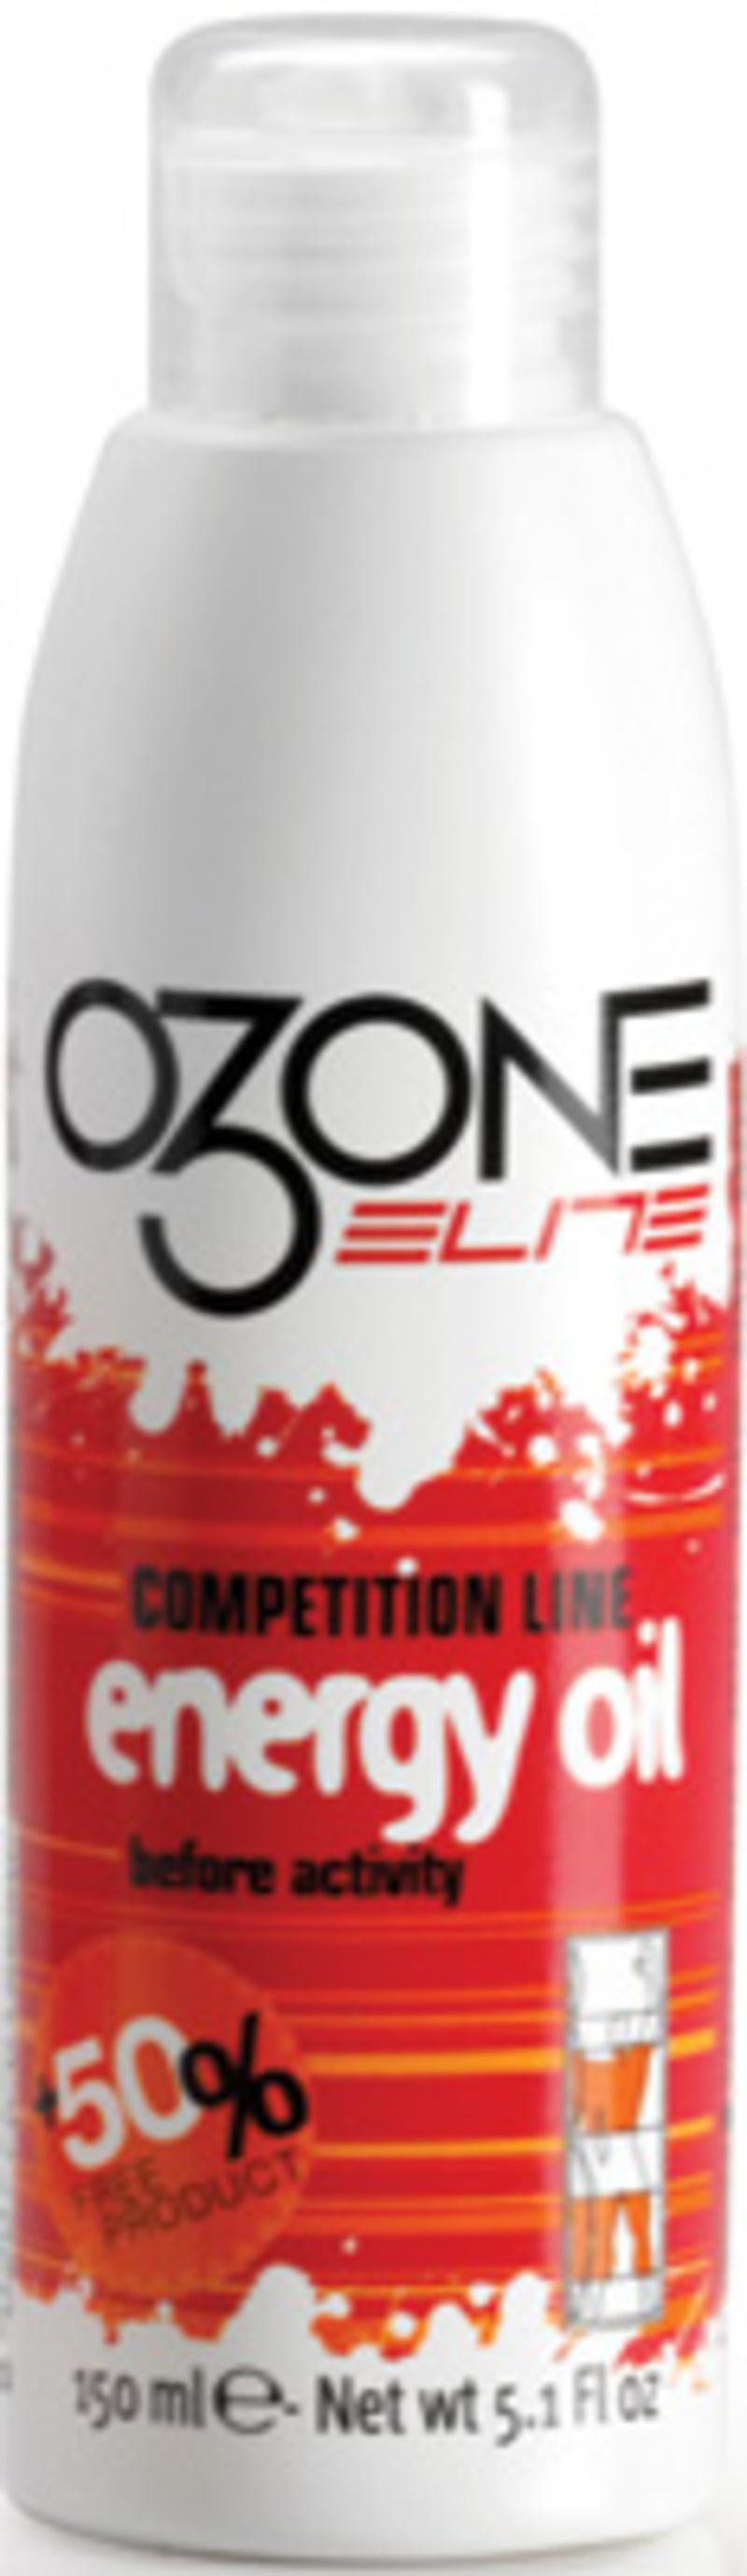 Ozone ENERGY OIL 150ml